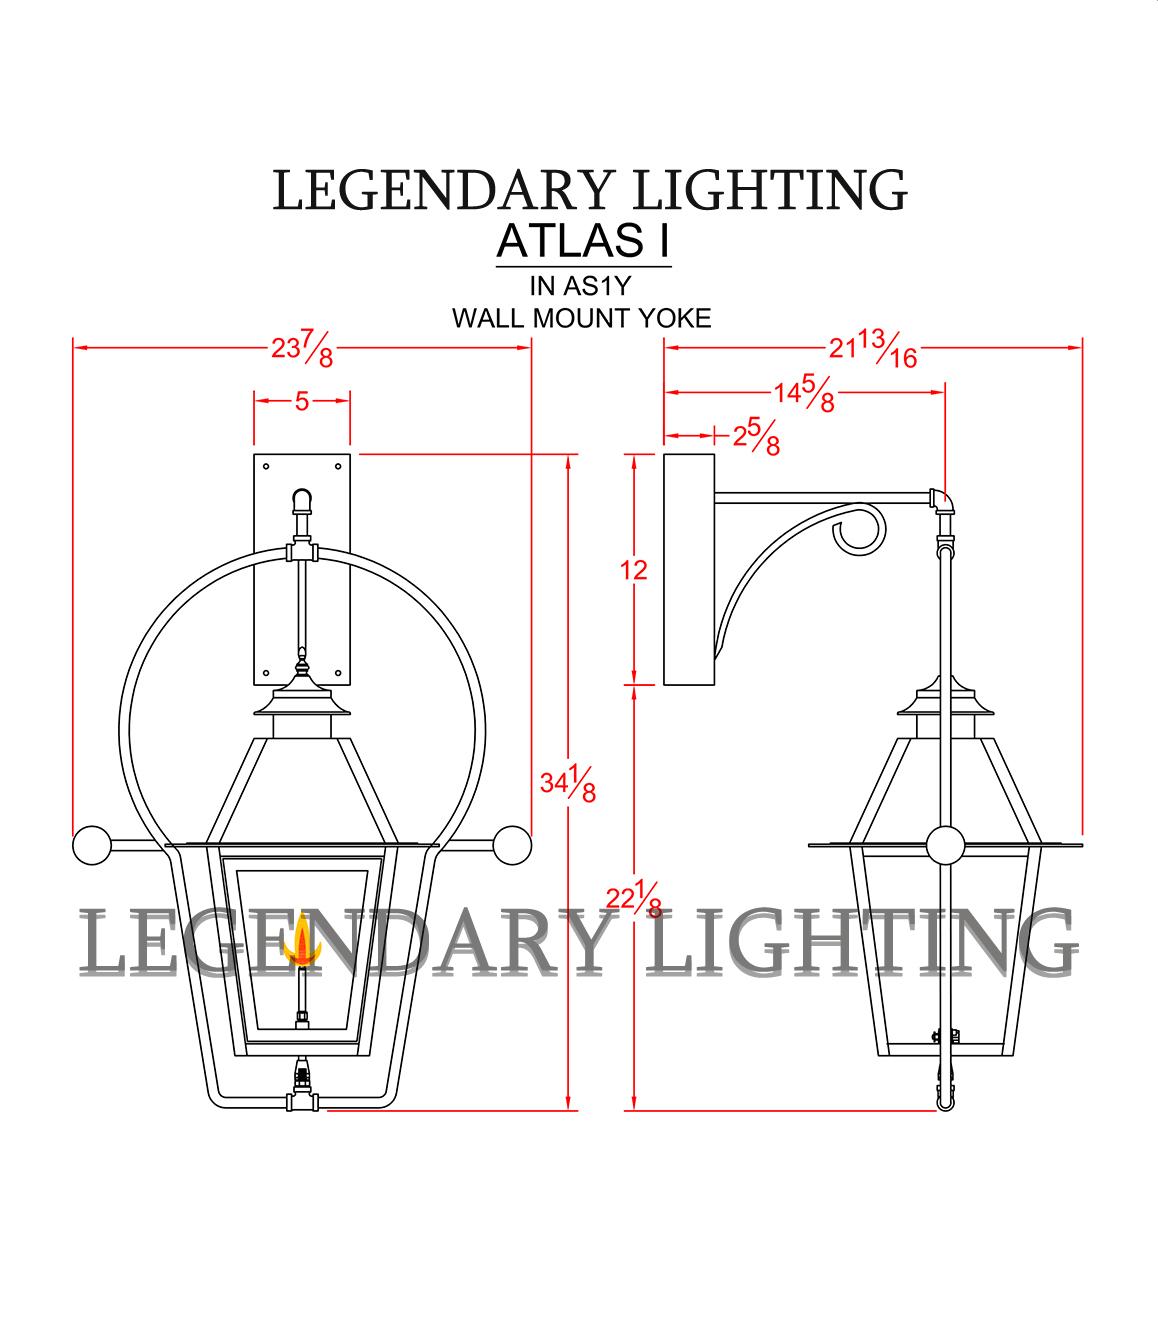 Atlas 1 Wmy Legendary Lighting Wall Schematic Engineering Diagram